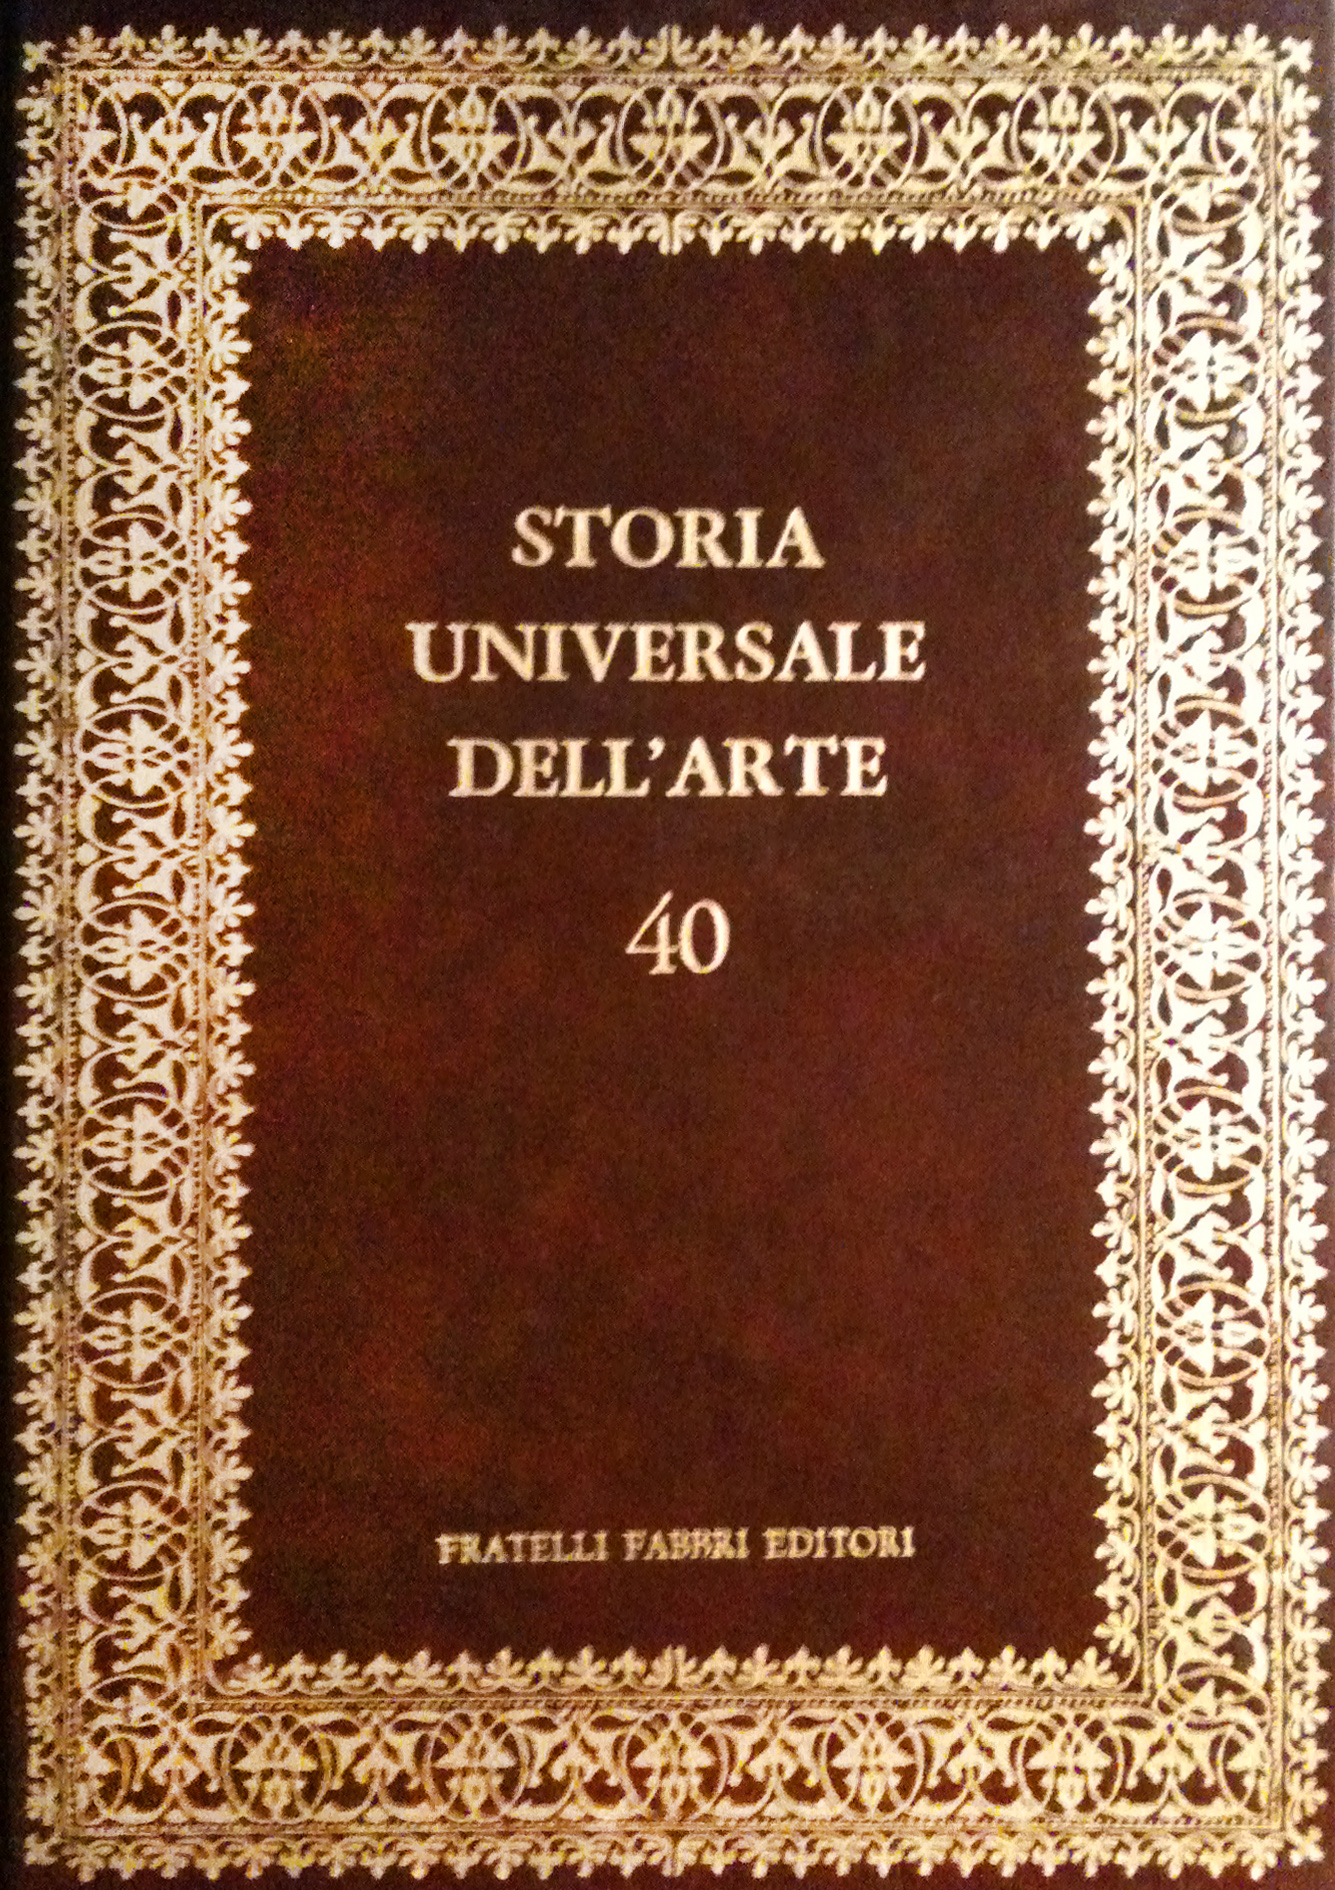 Storia Universale dell'arte. Vol. 40